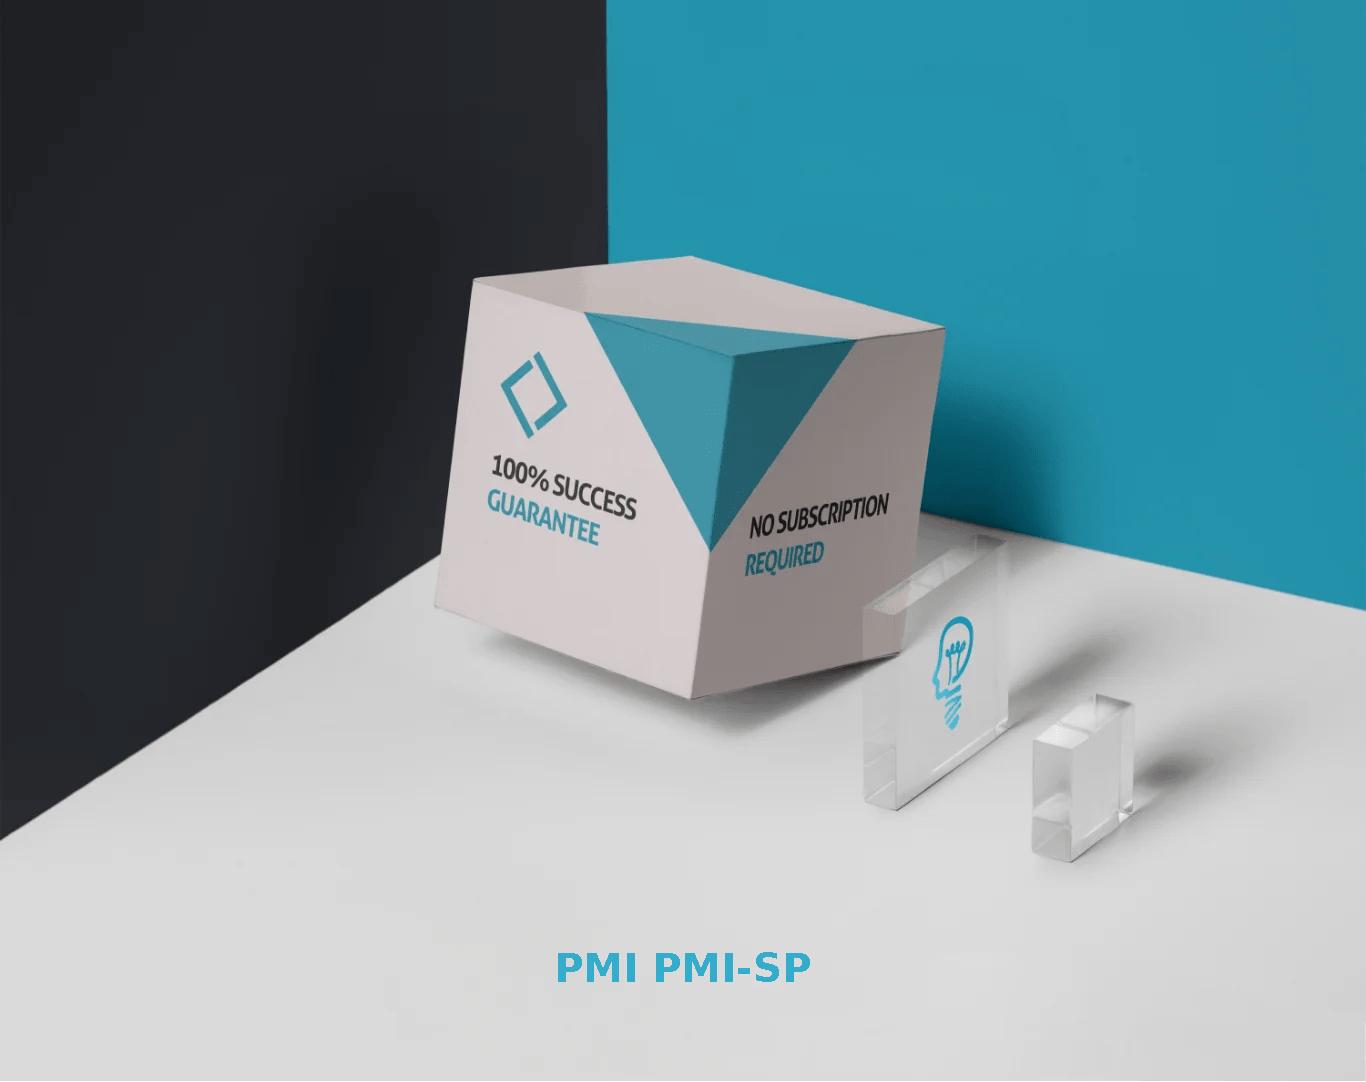 PMI-SP Dumps